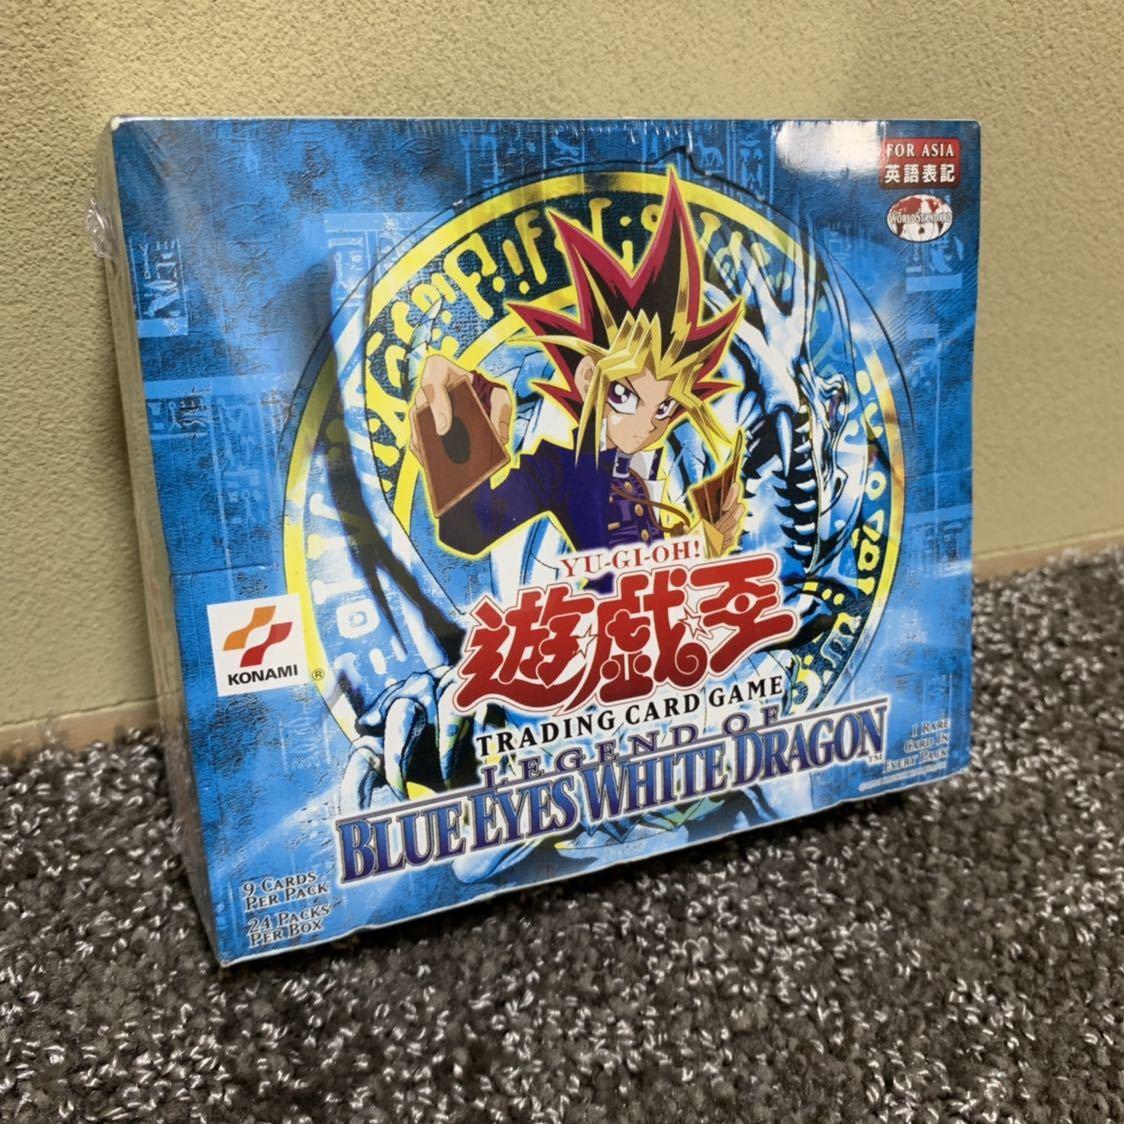 遊戯王 未開封 青眼の白龍伝説 LEGEND OF BLUE EYES WHITE DRAGON 英語表記アジア版 アンリミ